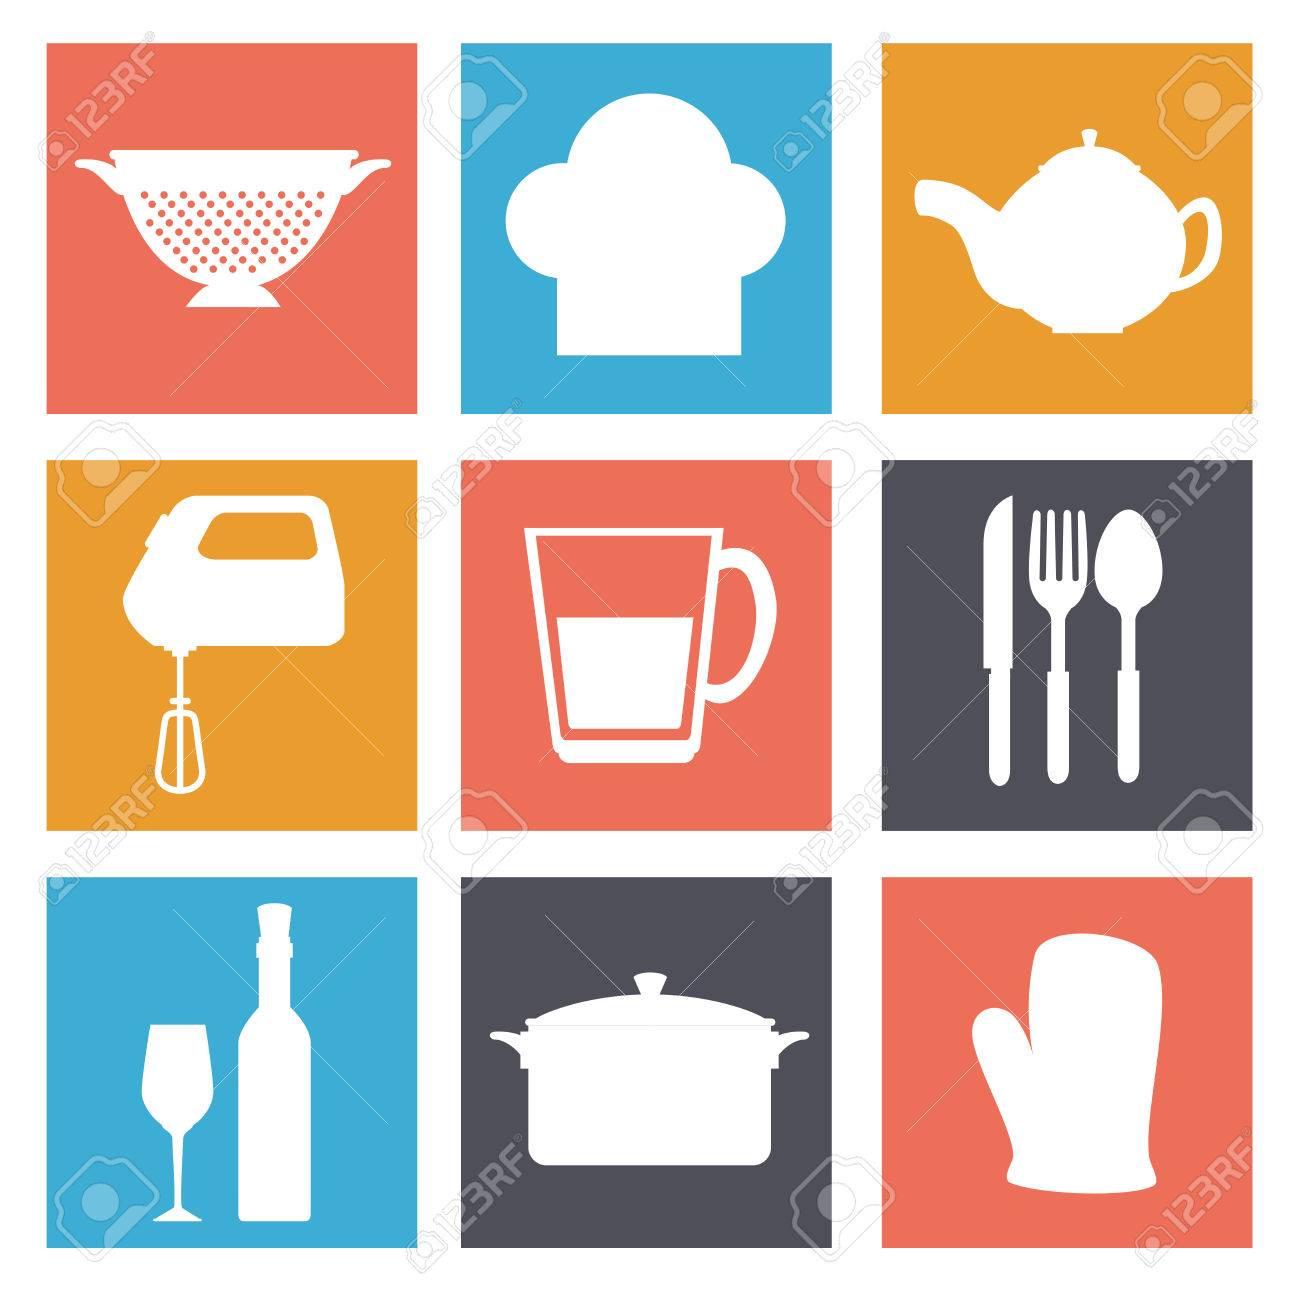 Vajilla utensilios de cocina de diseño gráfico con iconos